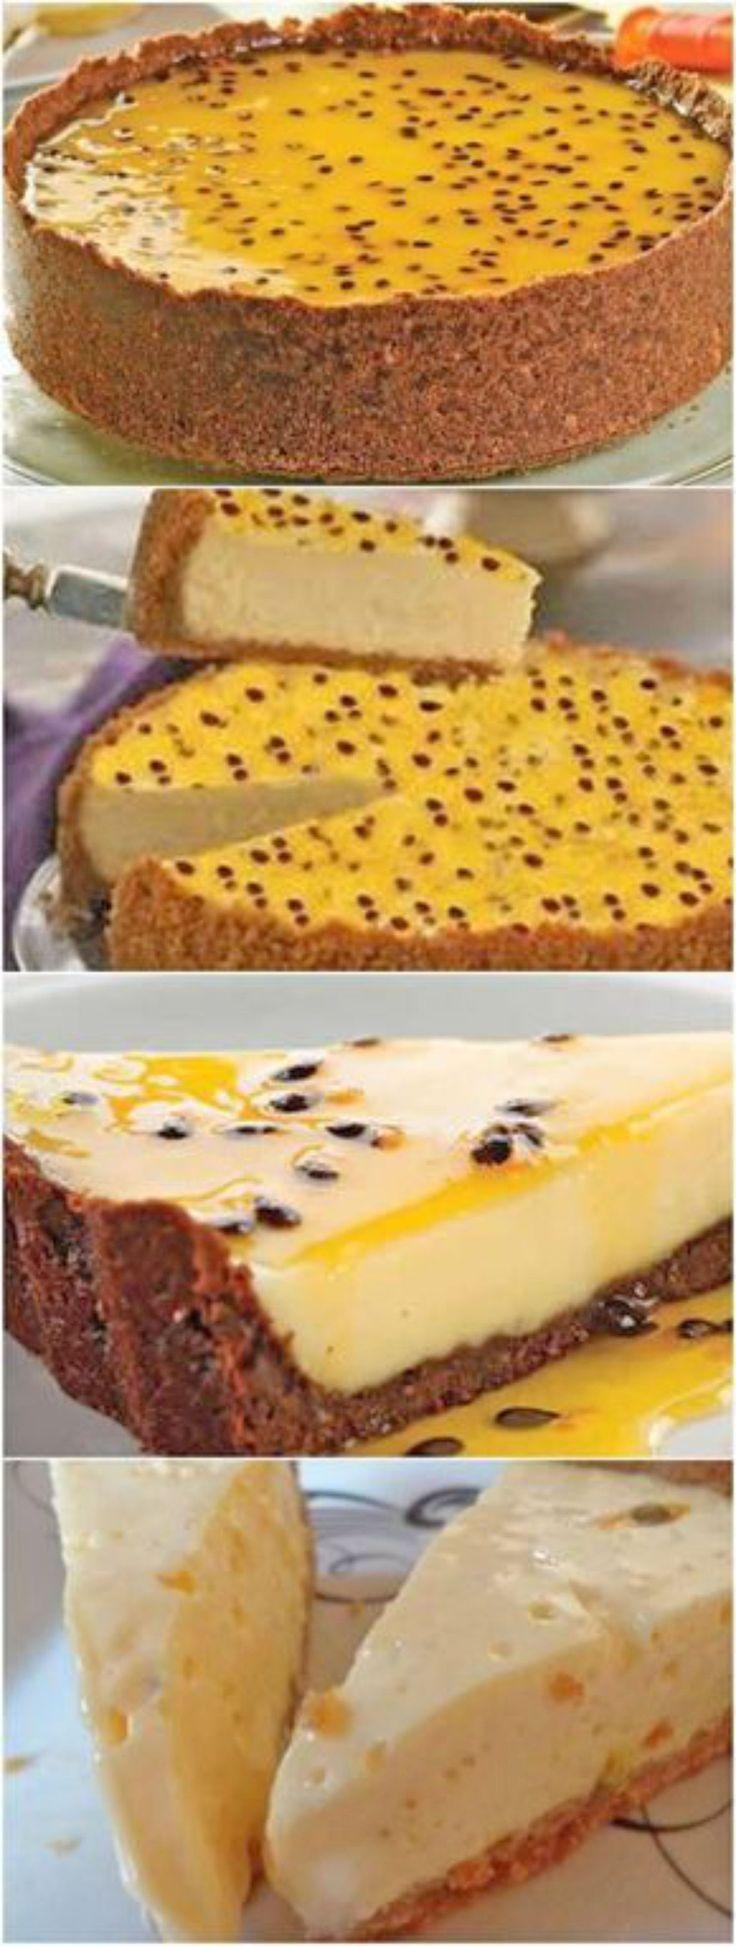 Super Creamy Passion Fruit Pie 5 Zutaten   – Receitas